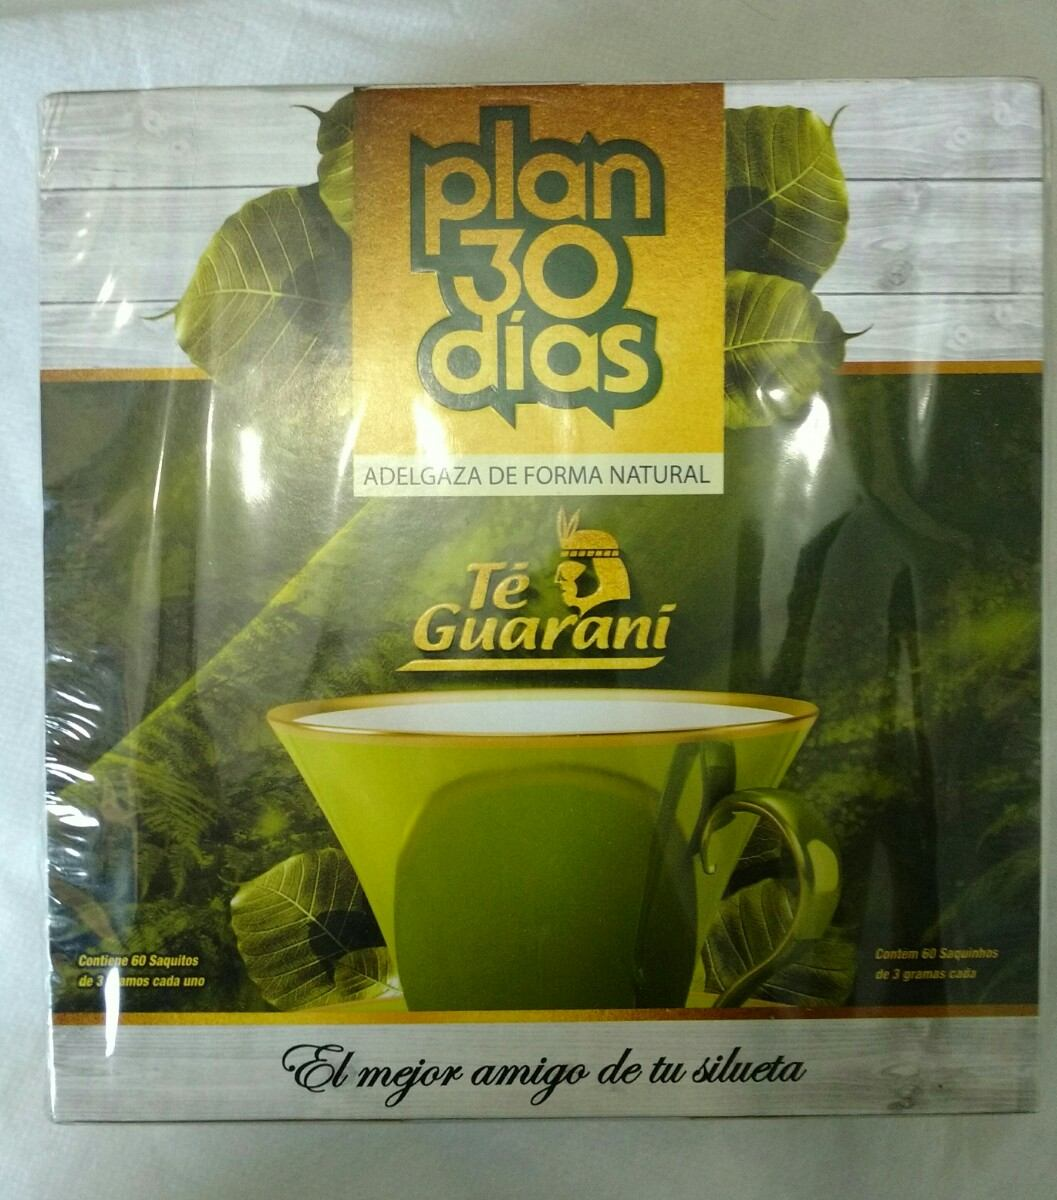 Plan 30 Dias Kit Com Té Guaraní Chá .  Promoção  Original - R  35 3d03d2c7eda53